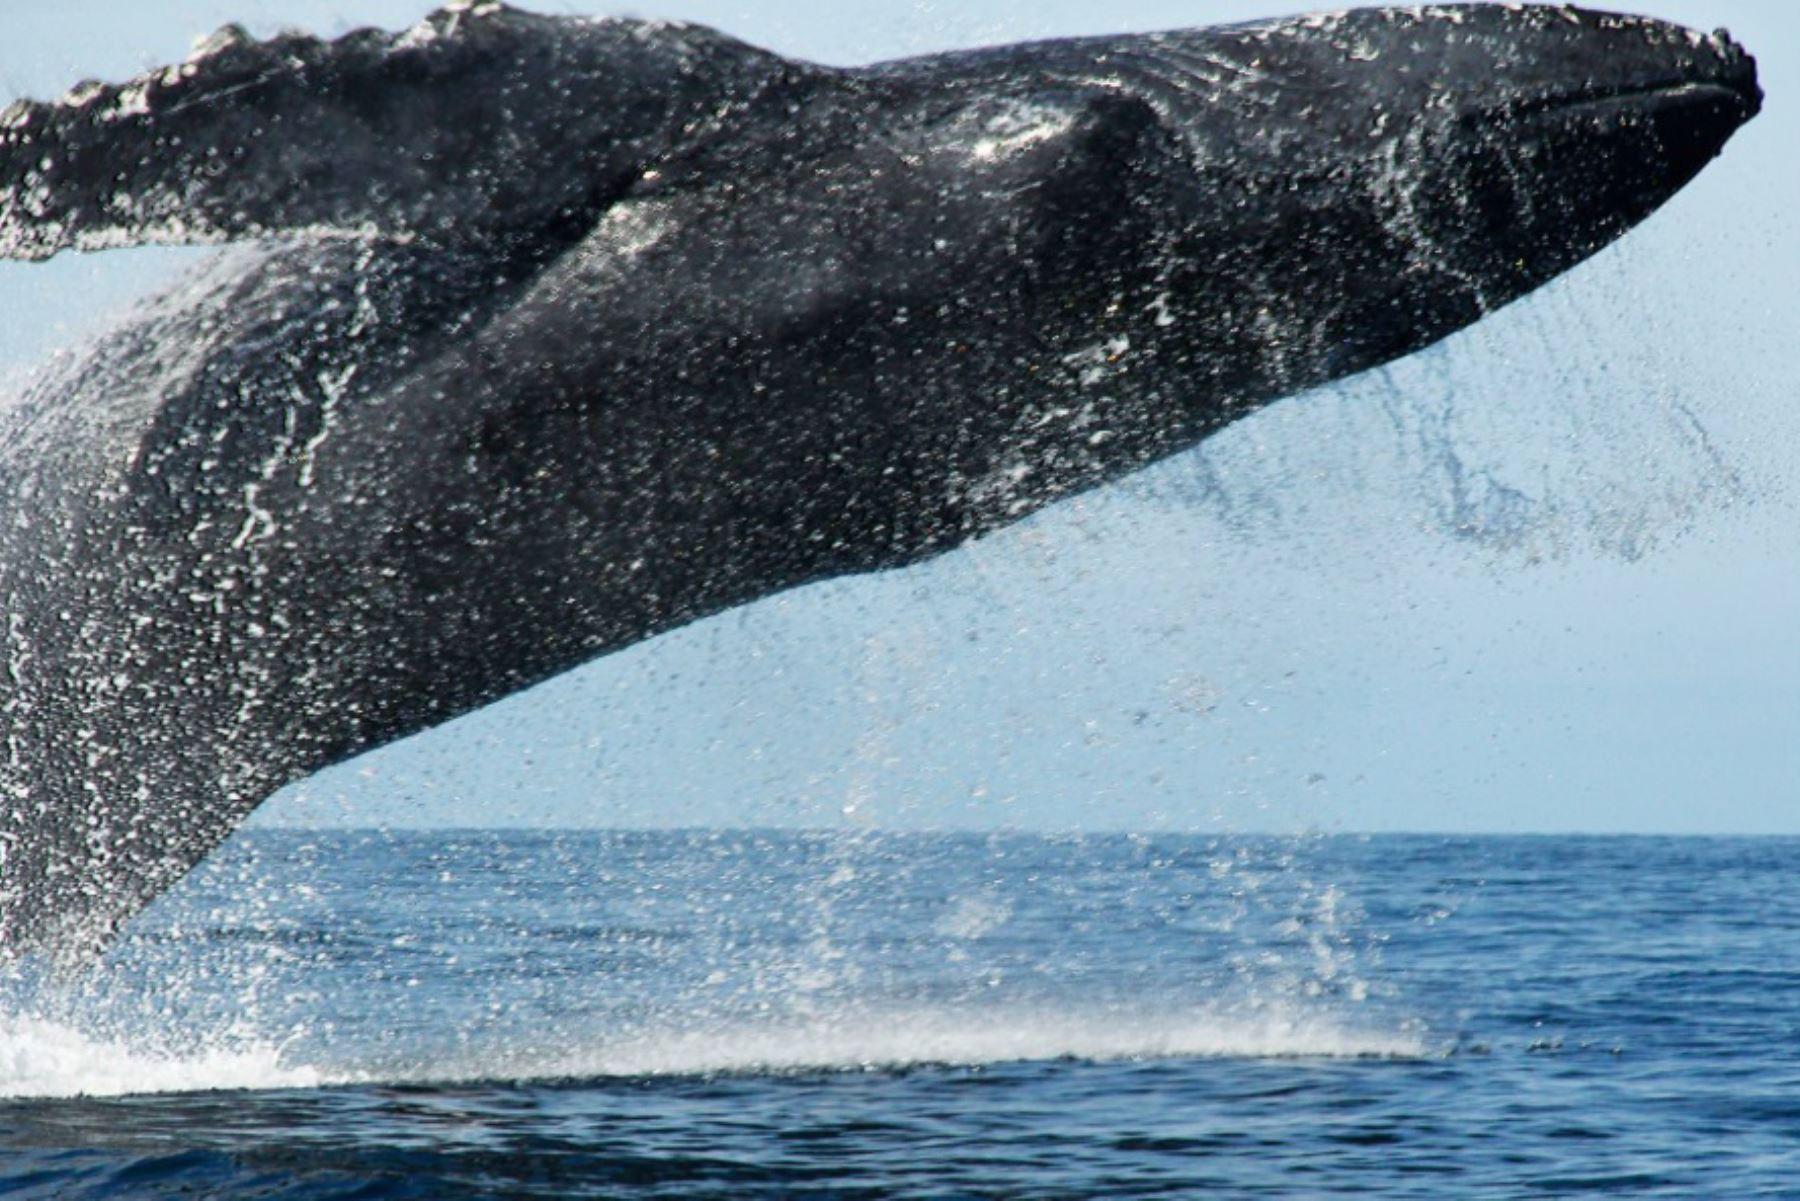 Avistamiento de ballenas: temporada empieza este mes y continúa hasta octubre